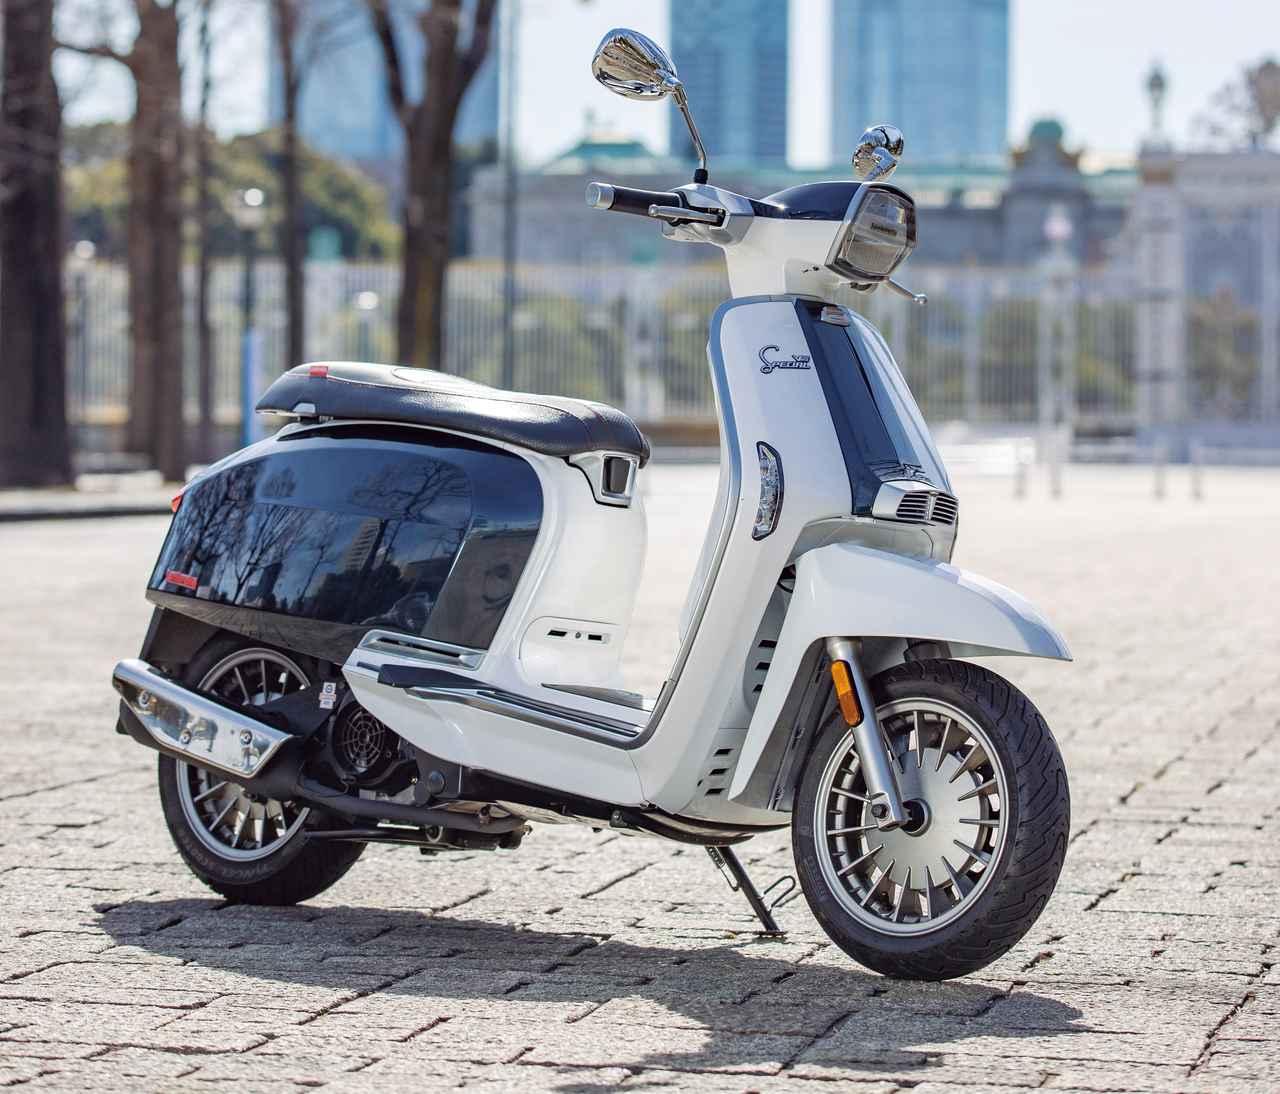 ランブレッタ「V125スペシャル FIX/FLEX」インプレ・解説(2021年)個性あふれる原付二種スクーターで街を駆けよう!